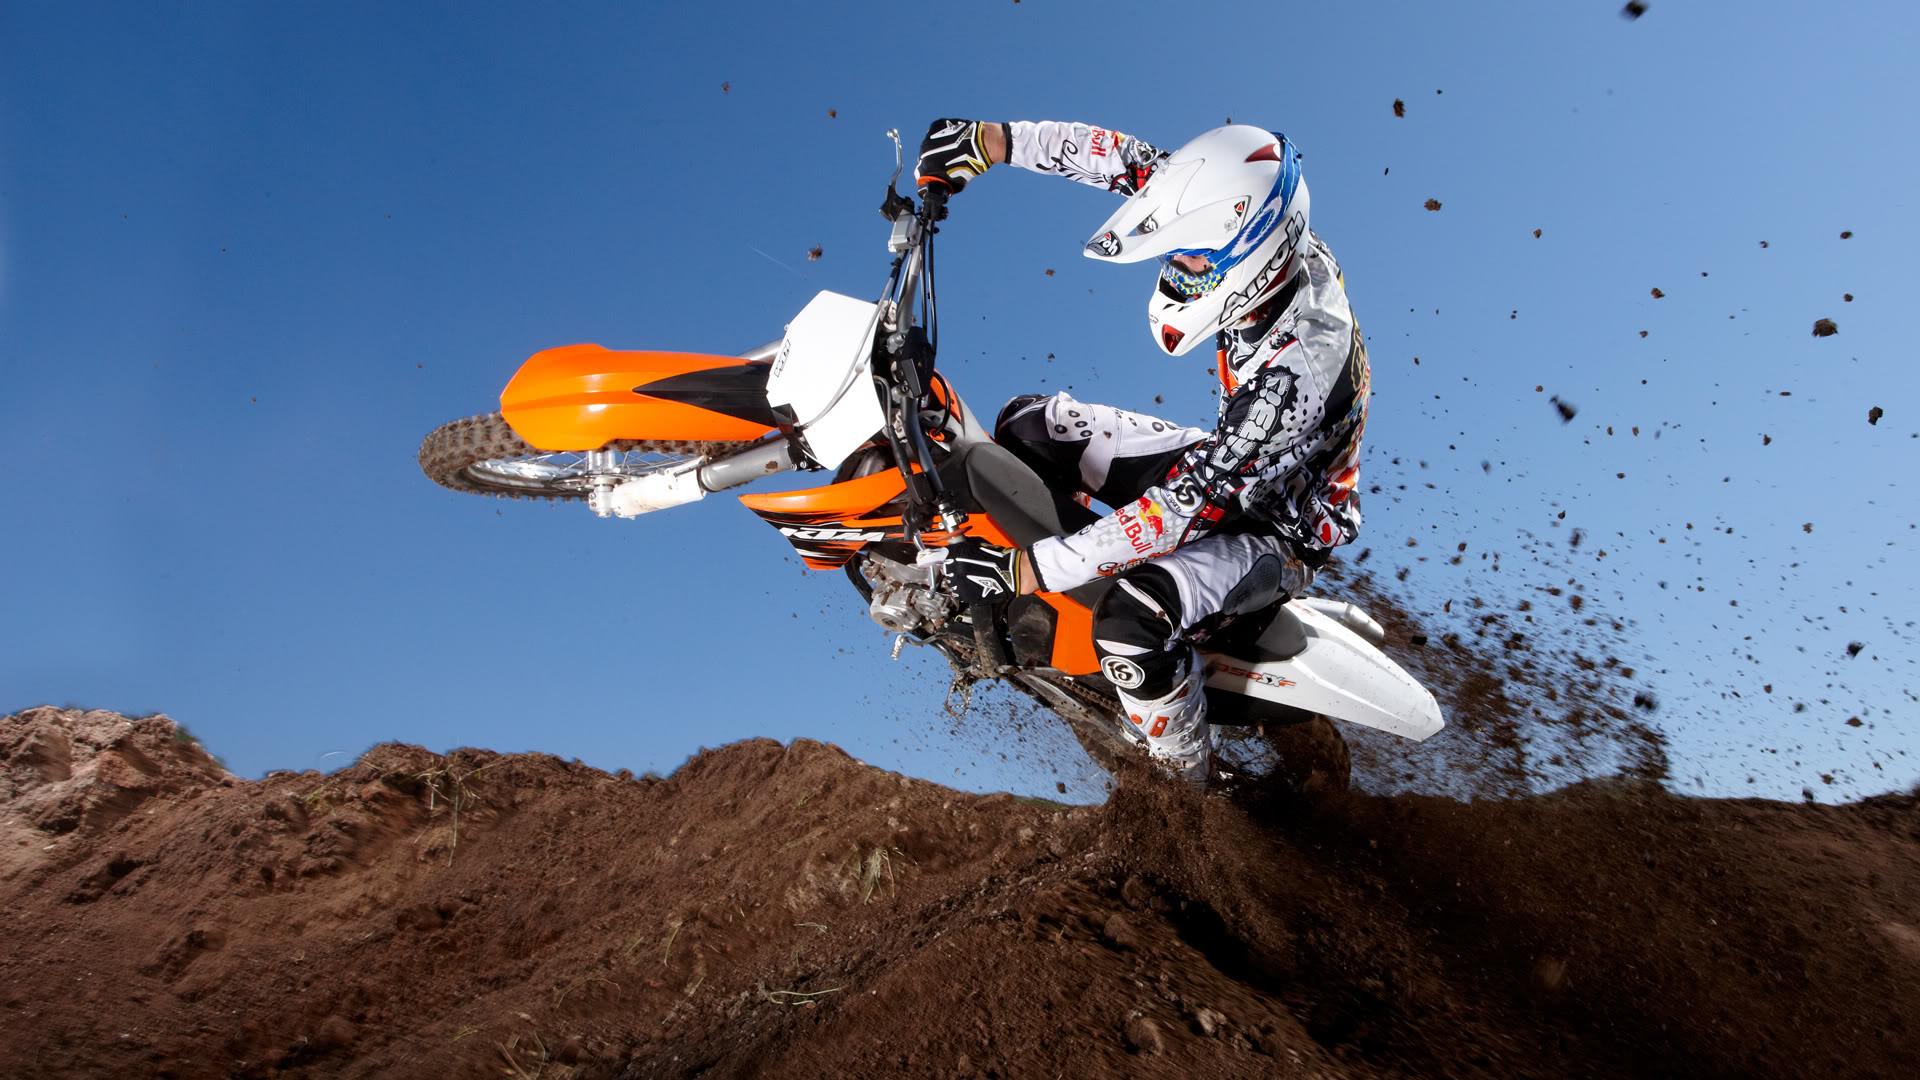 Motorrad HD Hintergrundbilder genial ktm Tapeten motorcross 1920x1080